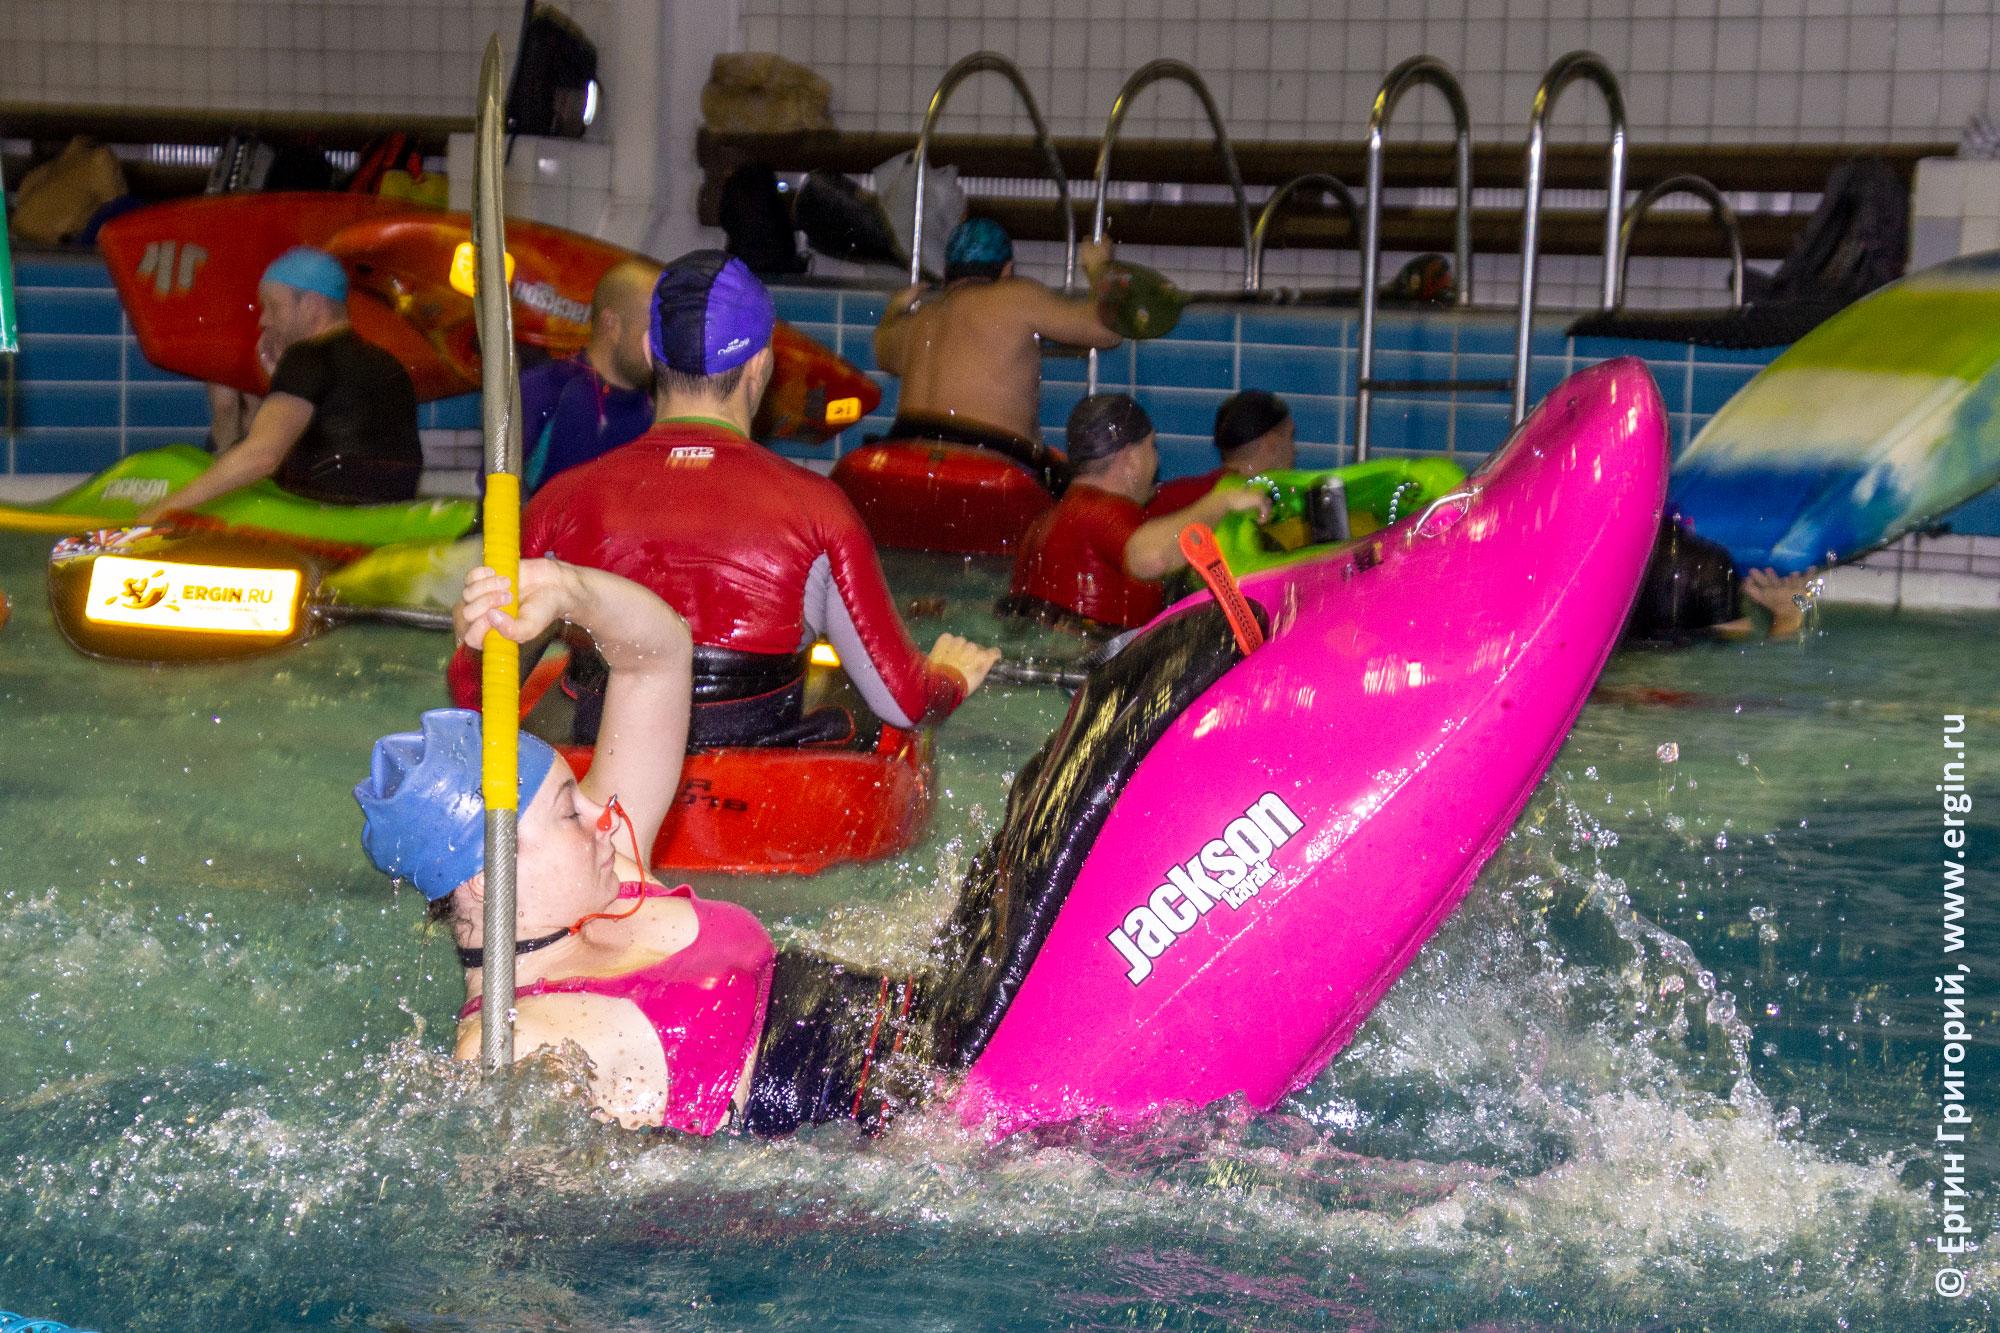 Стойка на корме каяка, тренировка в бассейне Санкт-Петербурга по фристайлу